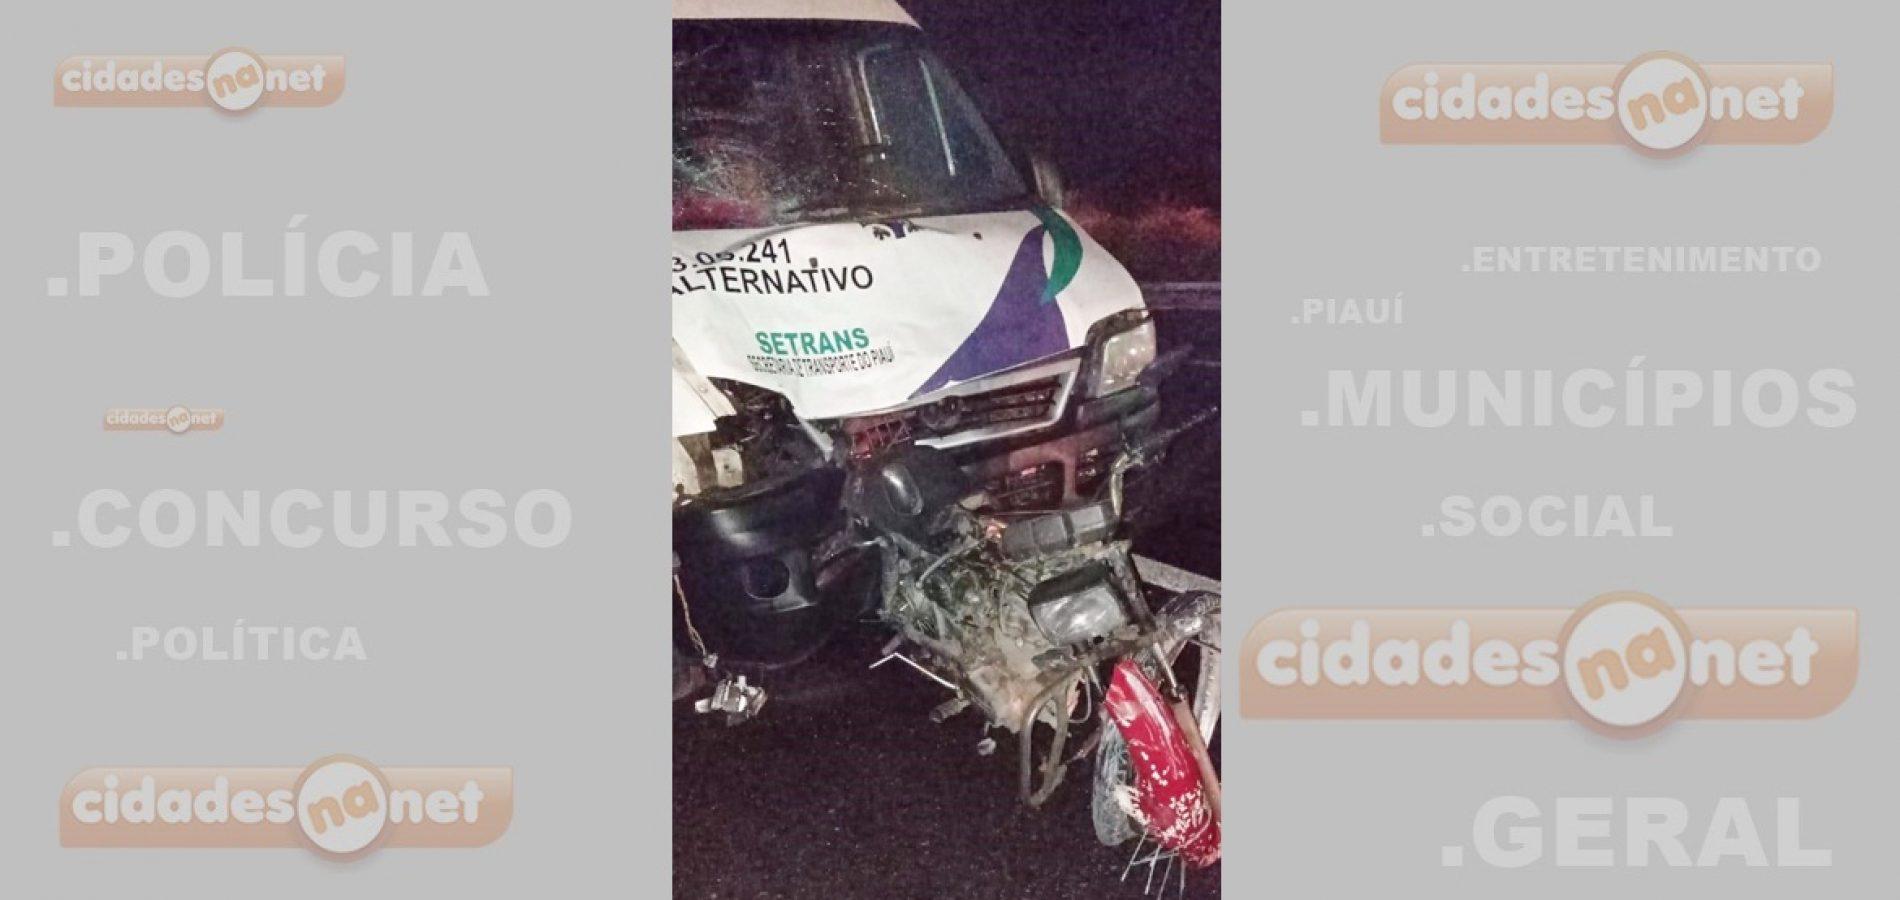 Proprietário de pizzaria em Pio IX morre após ser atropelado por van na BR-020